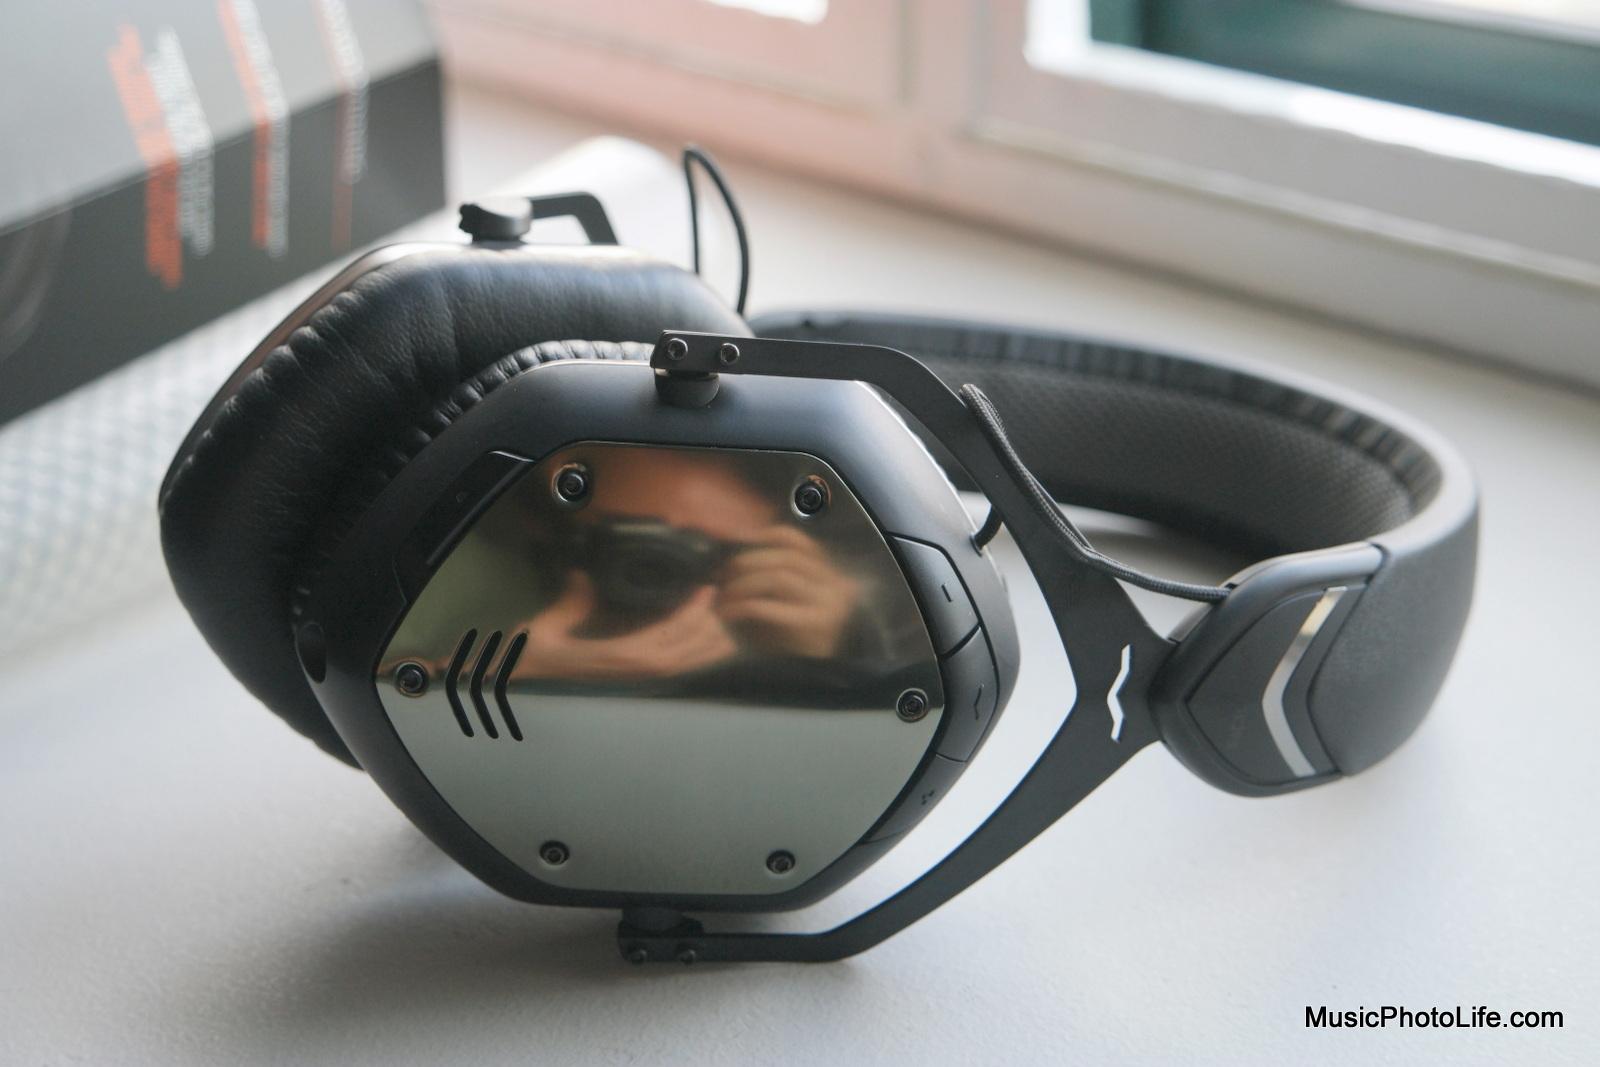 V-MODA Crossfade Wireless shield kit